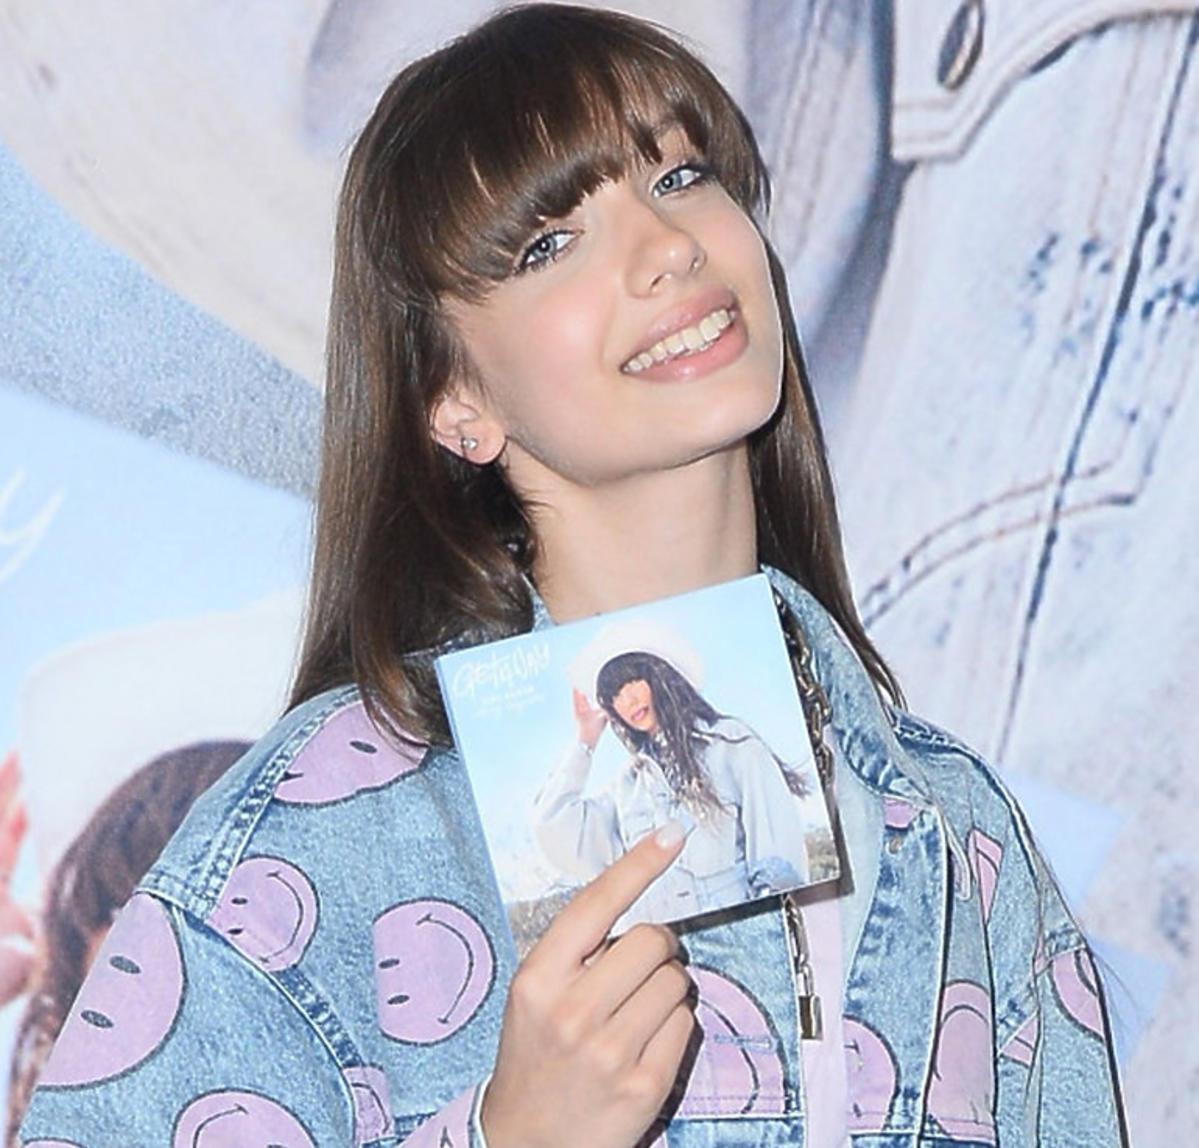 Viki Gabor wydała debiutancką płytę. Który utwór jest jej ulubionym?